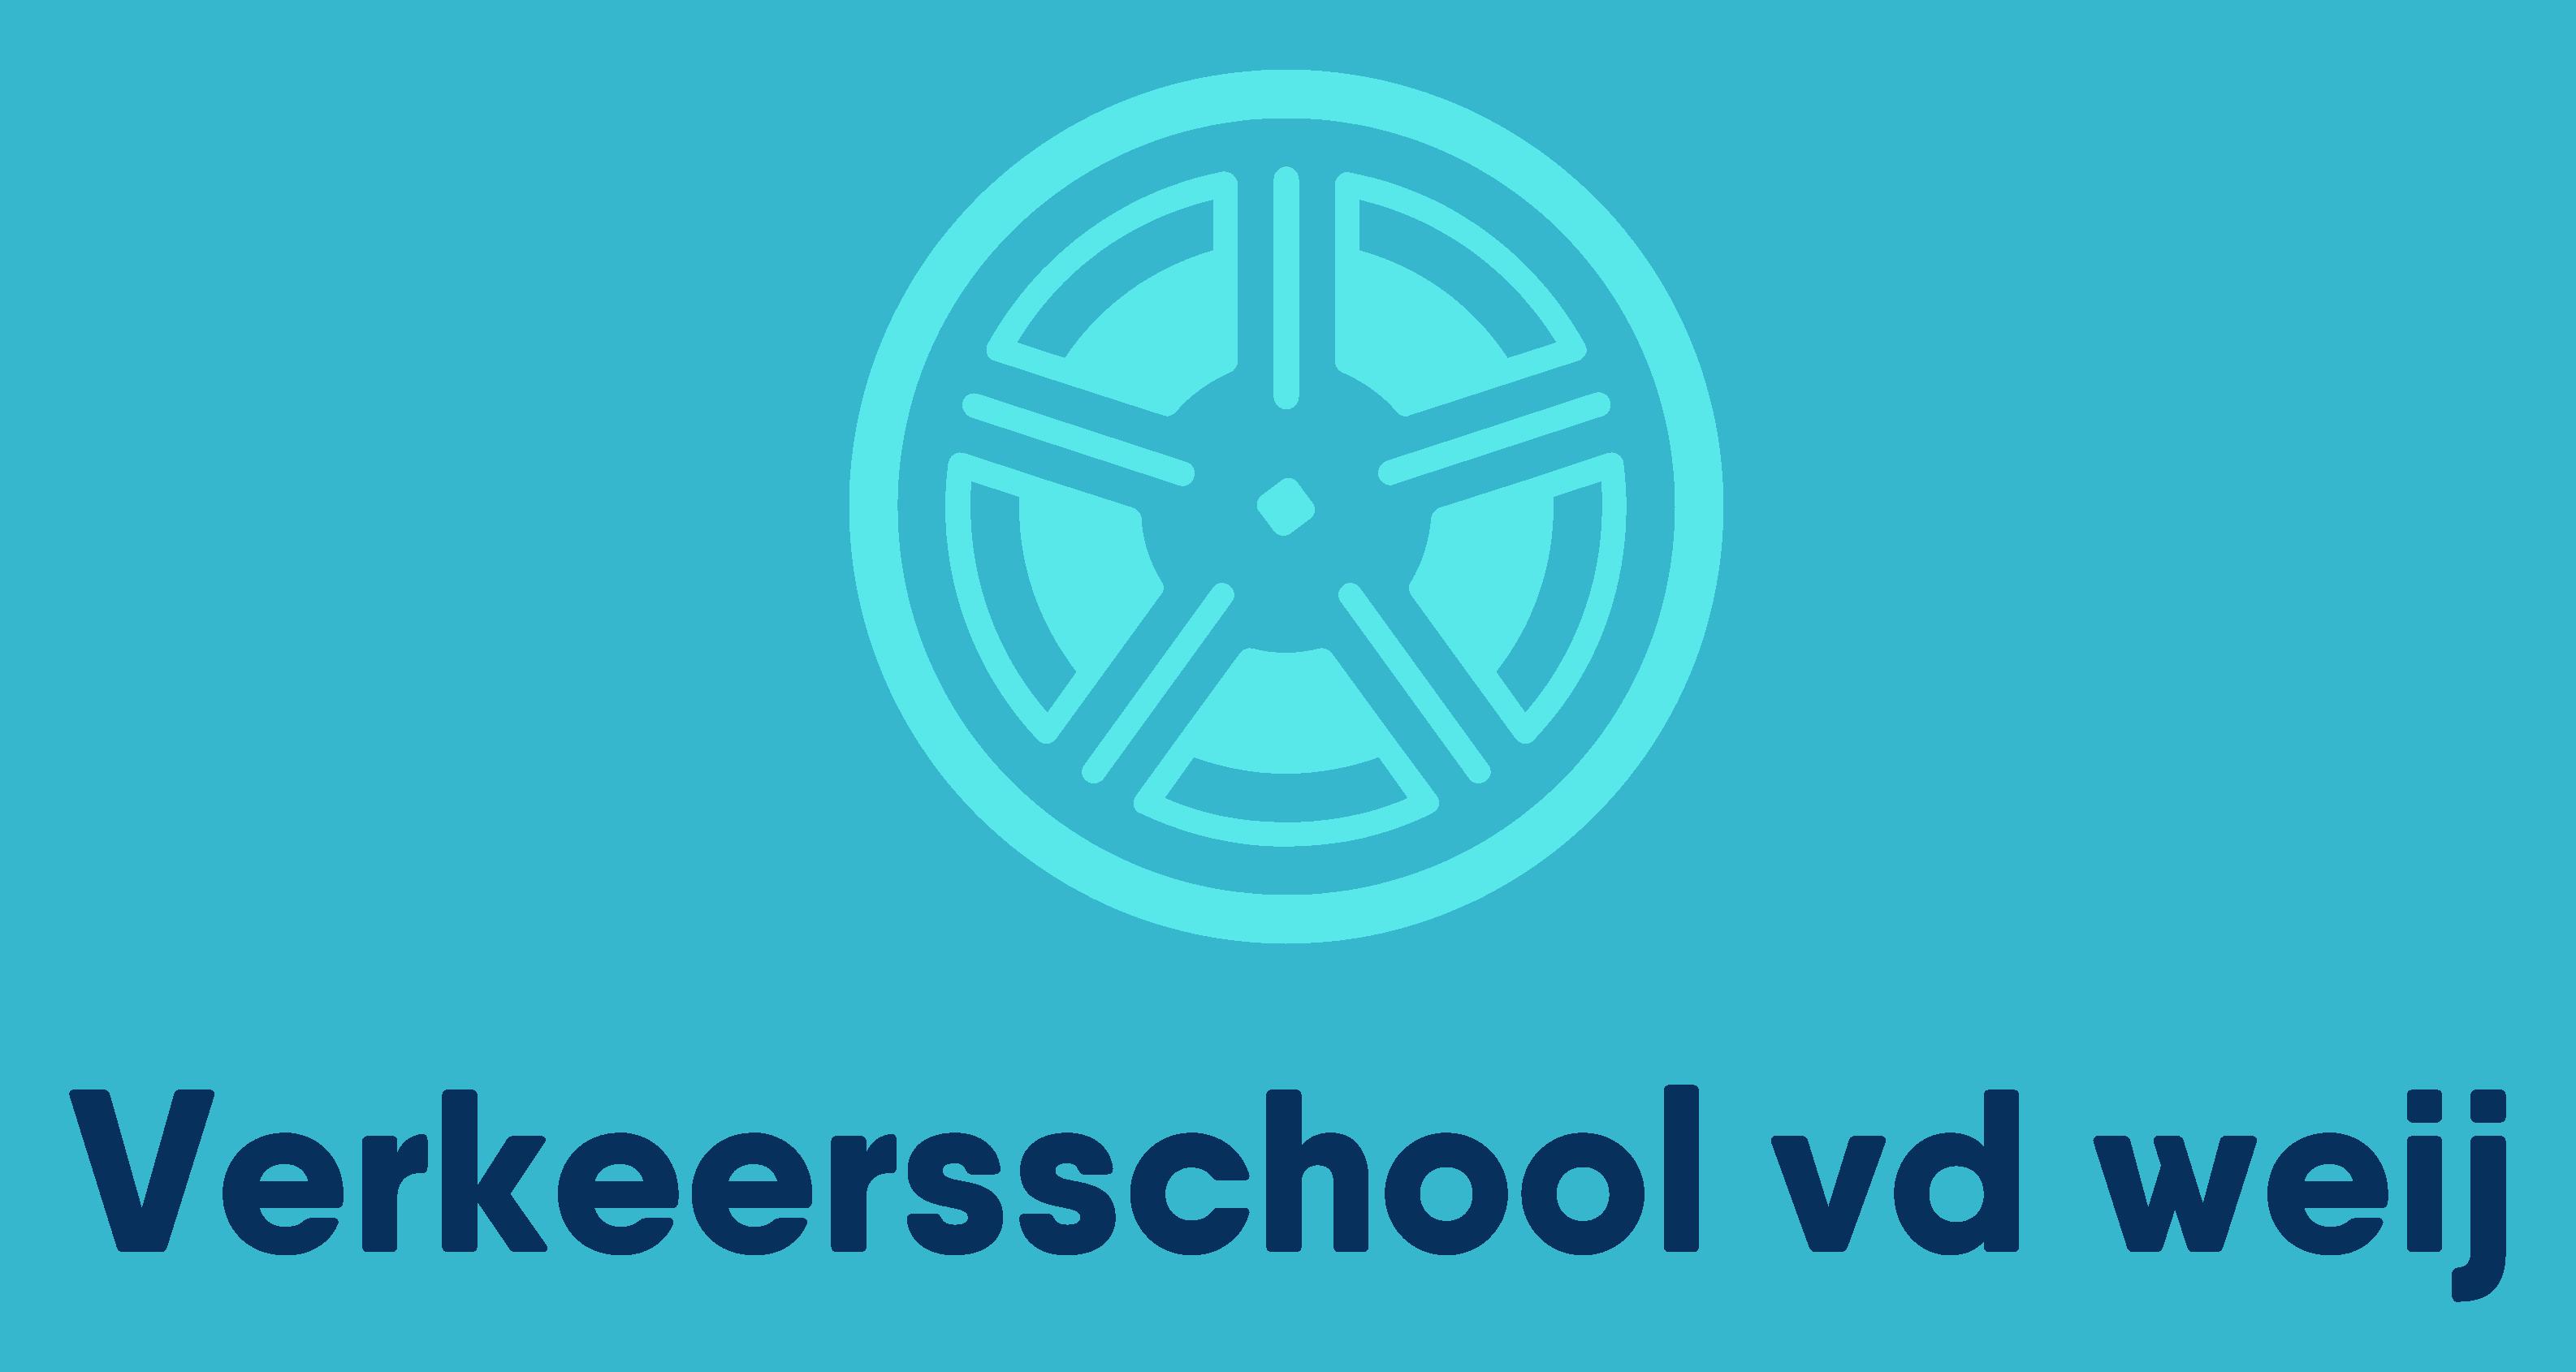 verkeersschool-vd-weij.nl